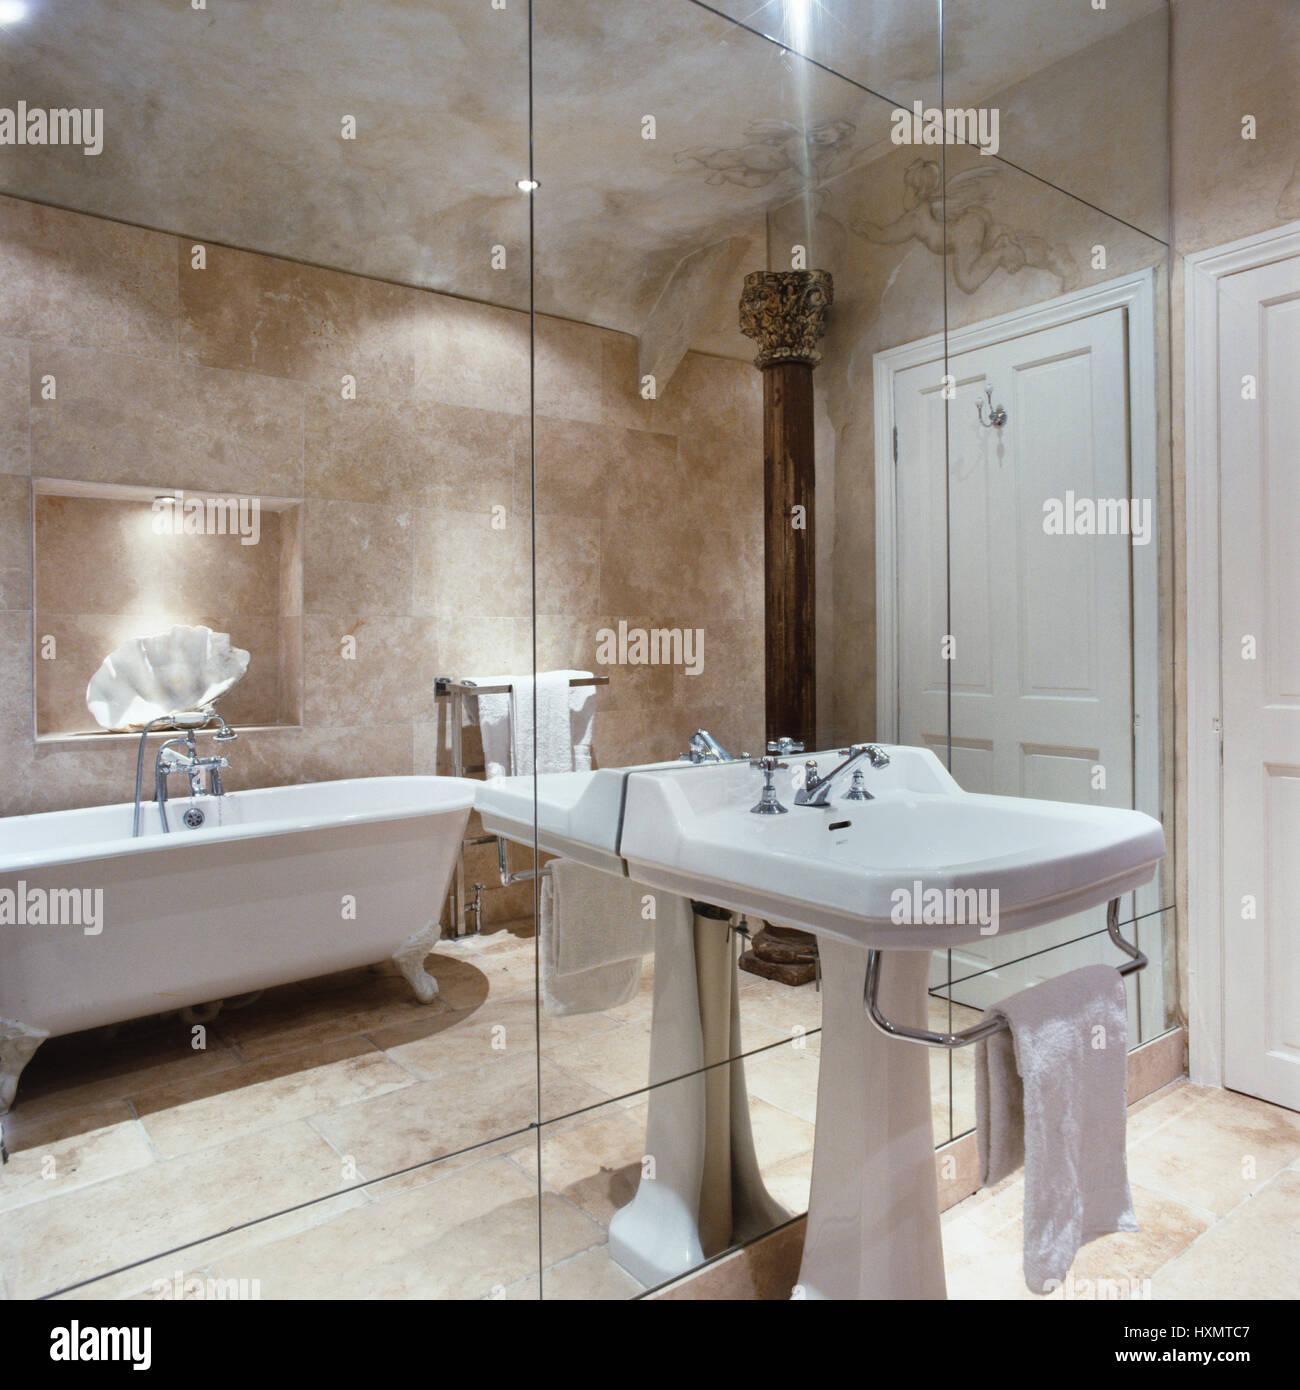 badezimmer mit einer spiegelwand stockfoto, bild: 136911831 - alamy